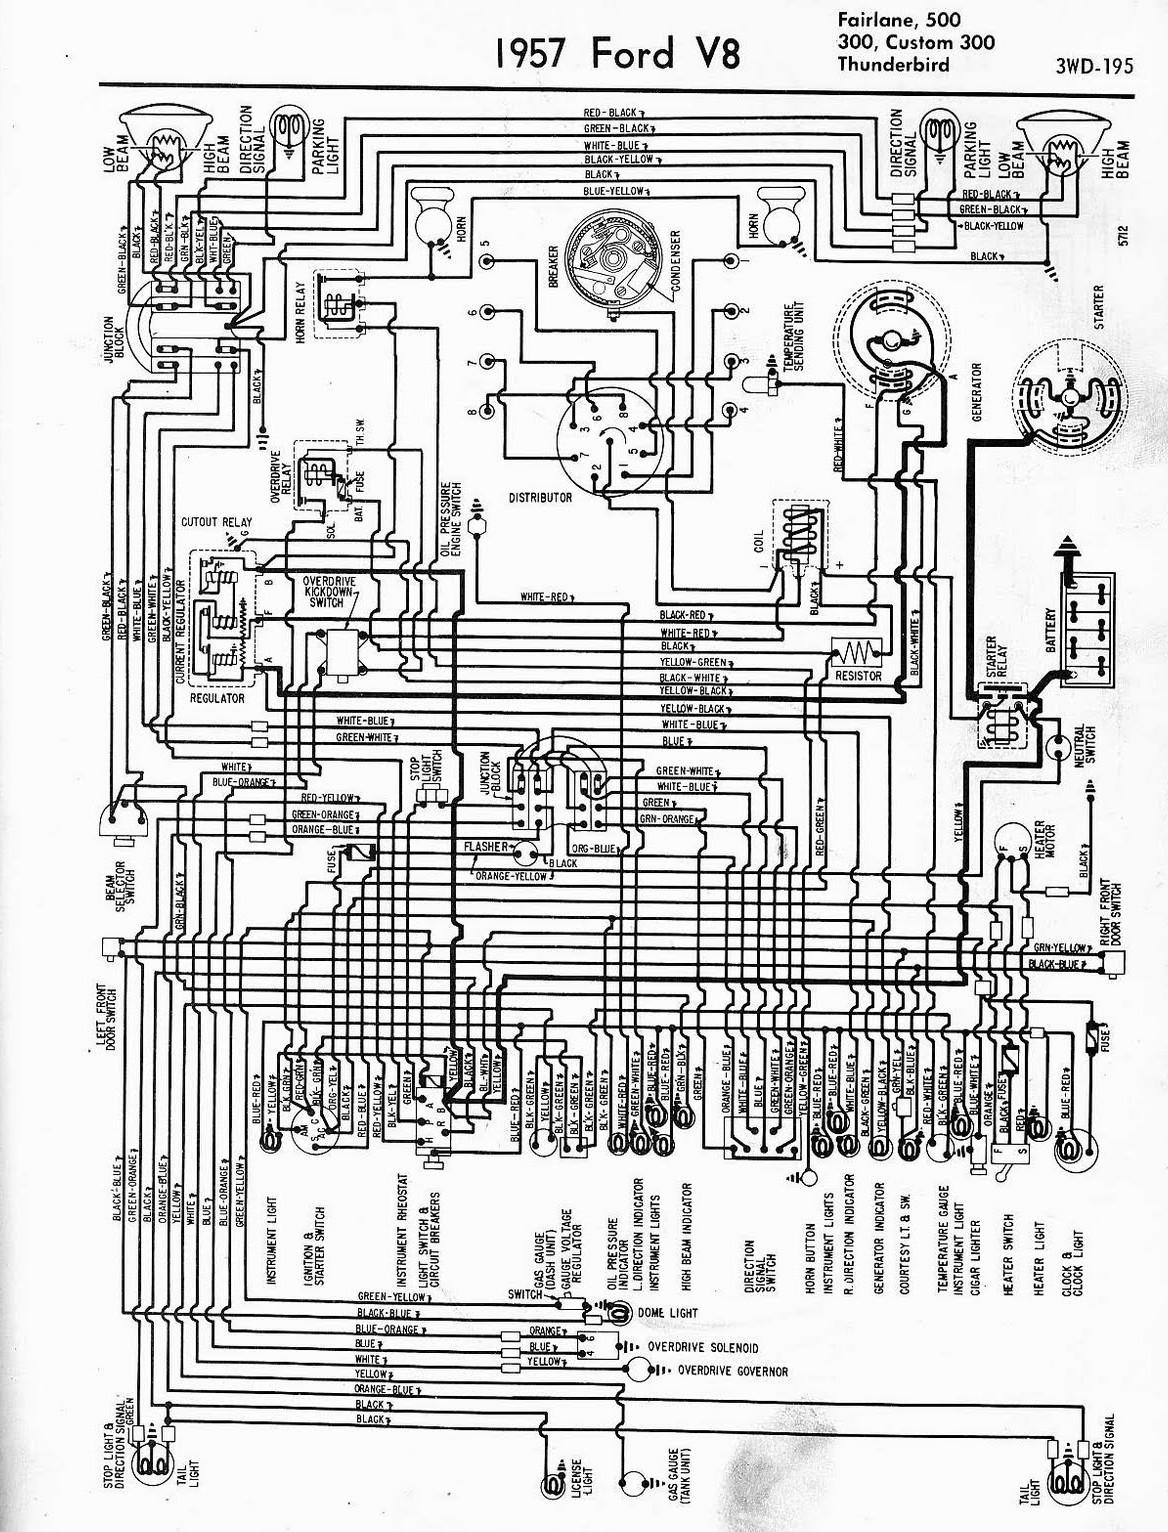 1957 ford wiring schematic wiring diagram g11 1957 thunderbird wiring diagram 57 ford wiring harness wiring [ 1168 x 1532 Pixel ]